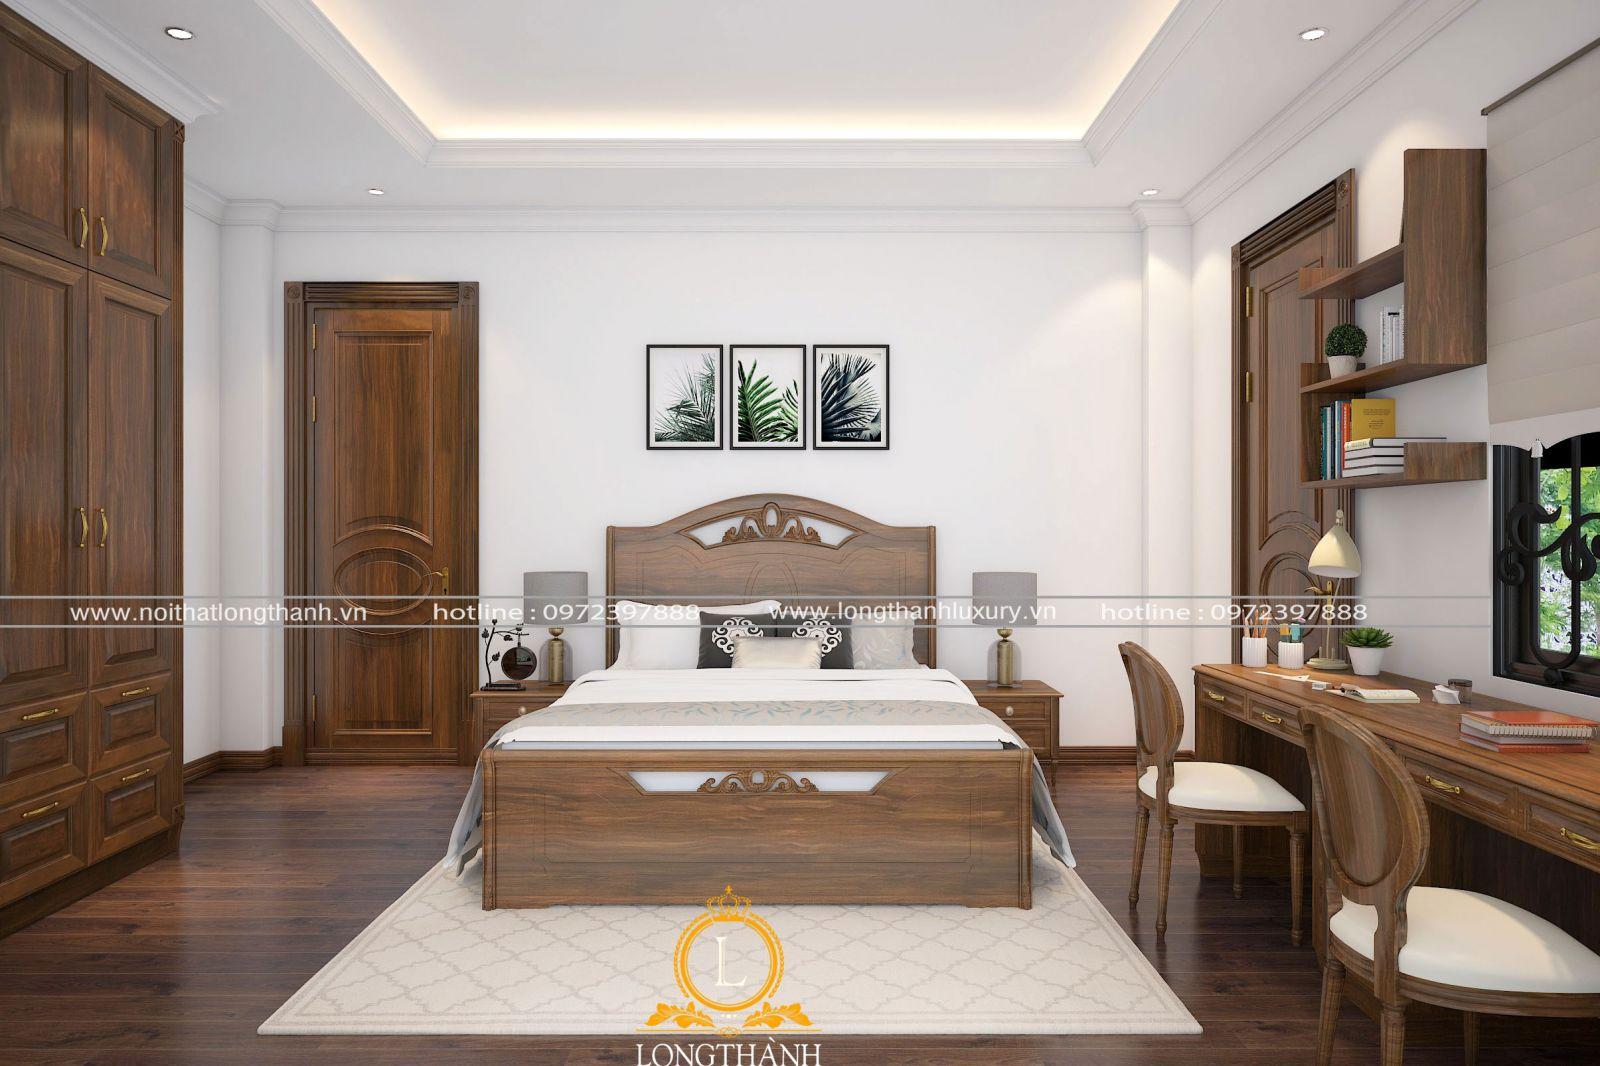 Căn phòng ngủ được thiết kế và bố trí không gian ngăn nắp theo nhu cầu của người sử dụng